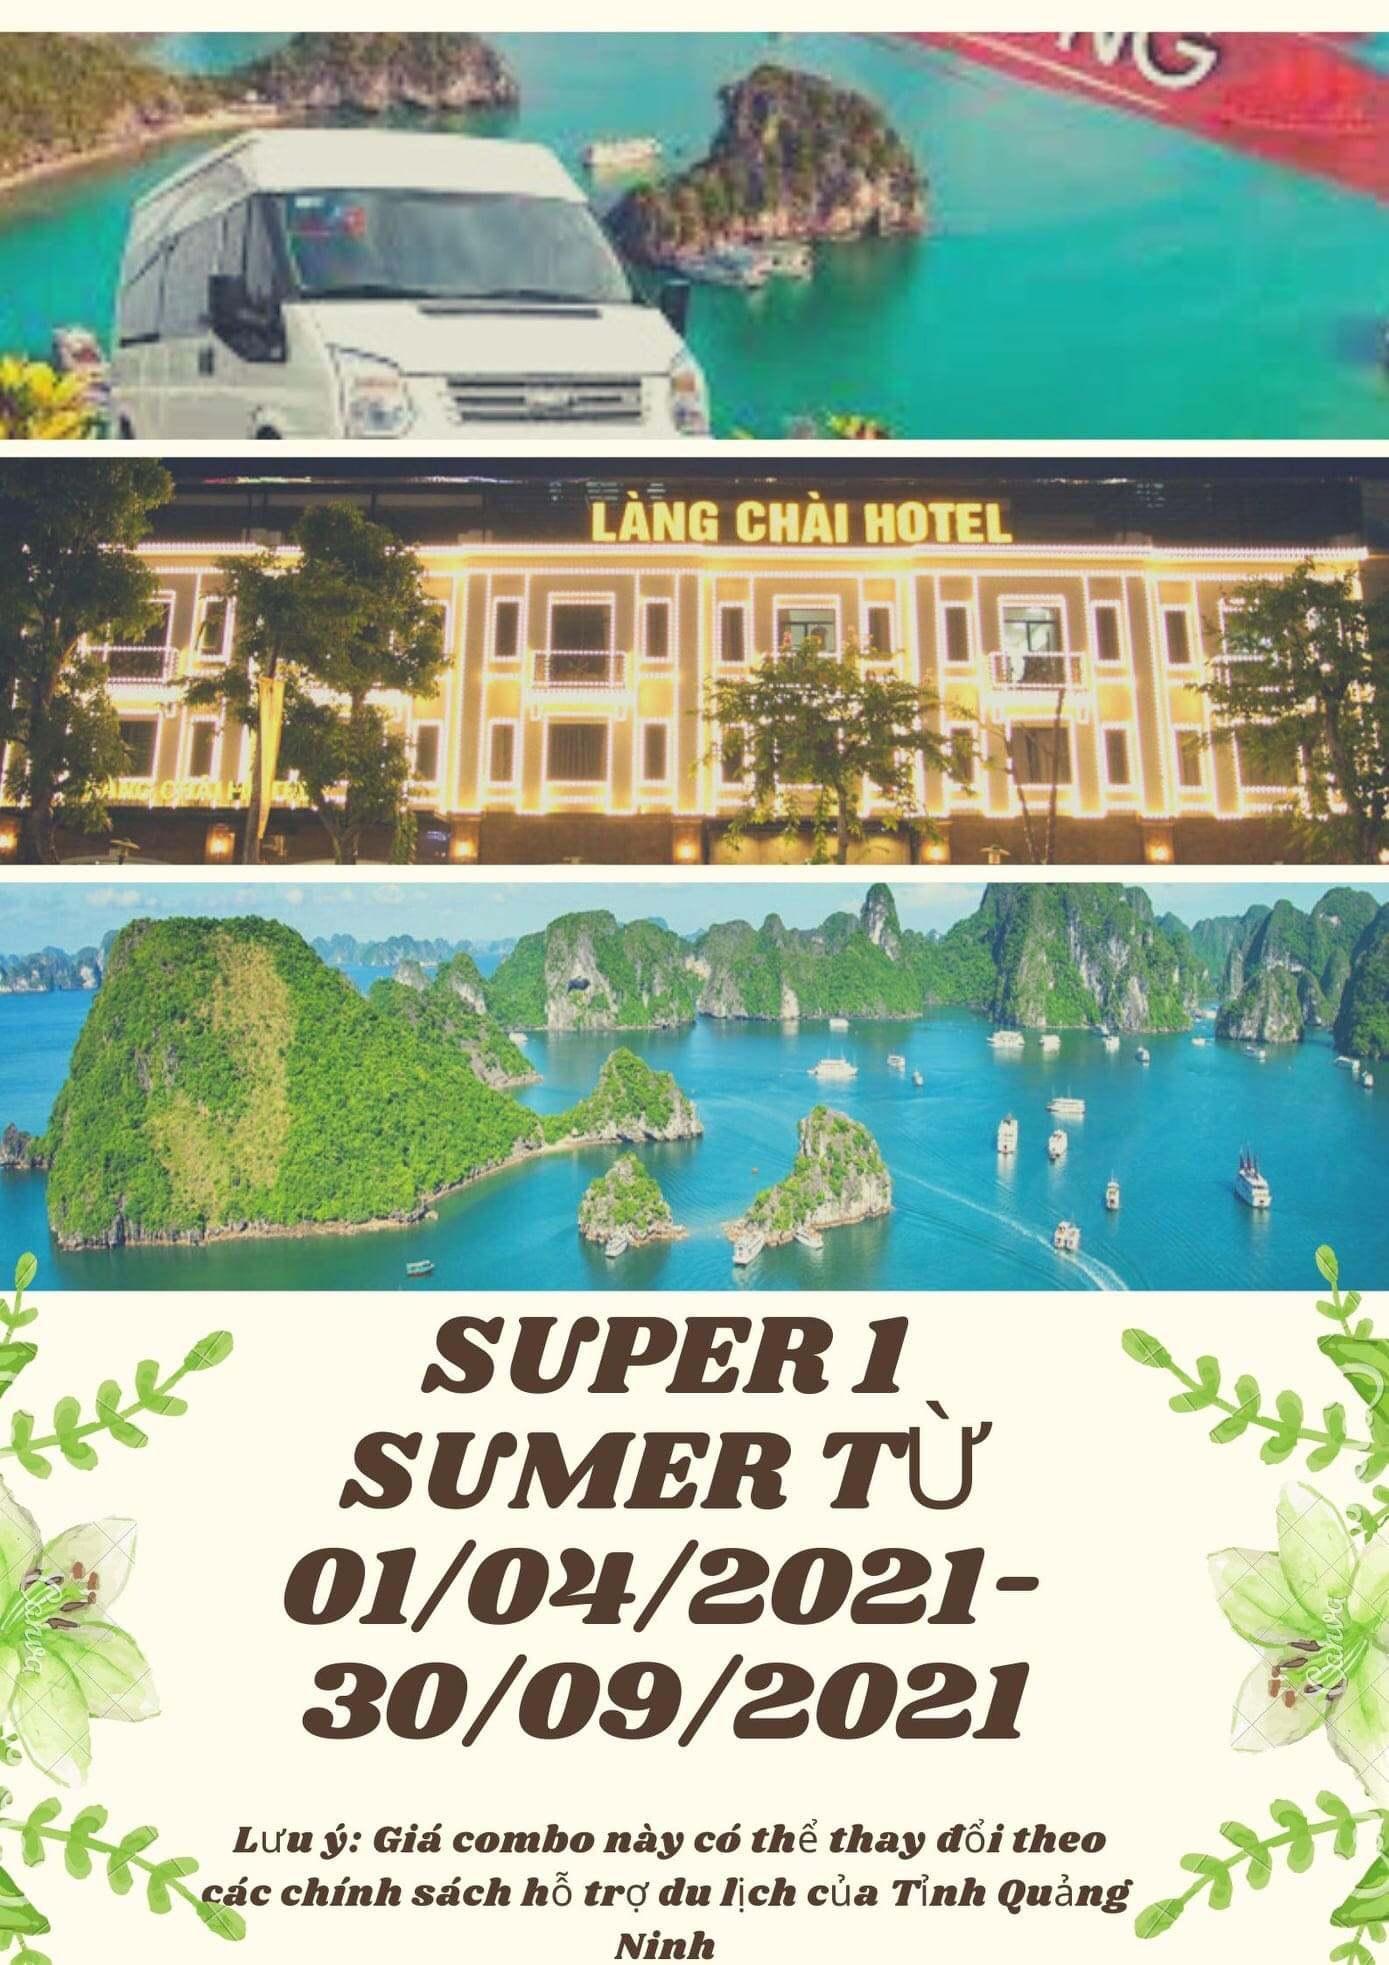 Combo SupperSummer1 (2N1Đ): Nghỉ 2 Ngày 1 Đêm tại khách sạn + Tour tham quan Vịnh Hạ Long + xe Limousine khứ hồi 2 chiều. Giá 1.199k / 1 Người.